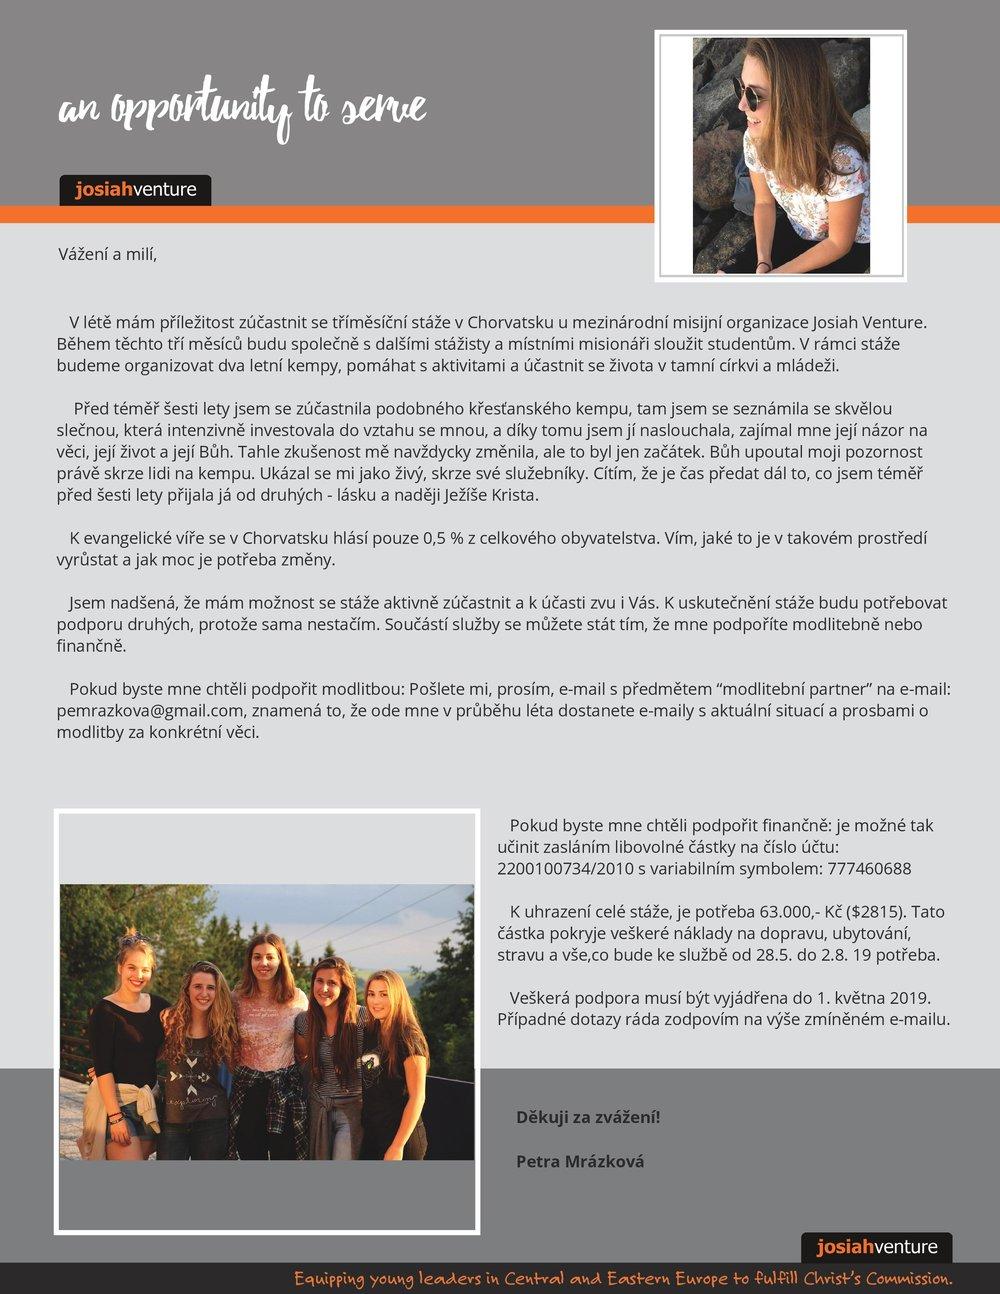 Support_letter_Petra_Mrazkova Cz-page-001.jpg